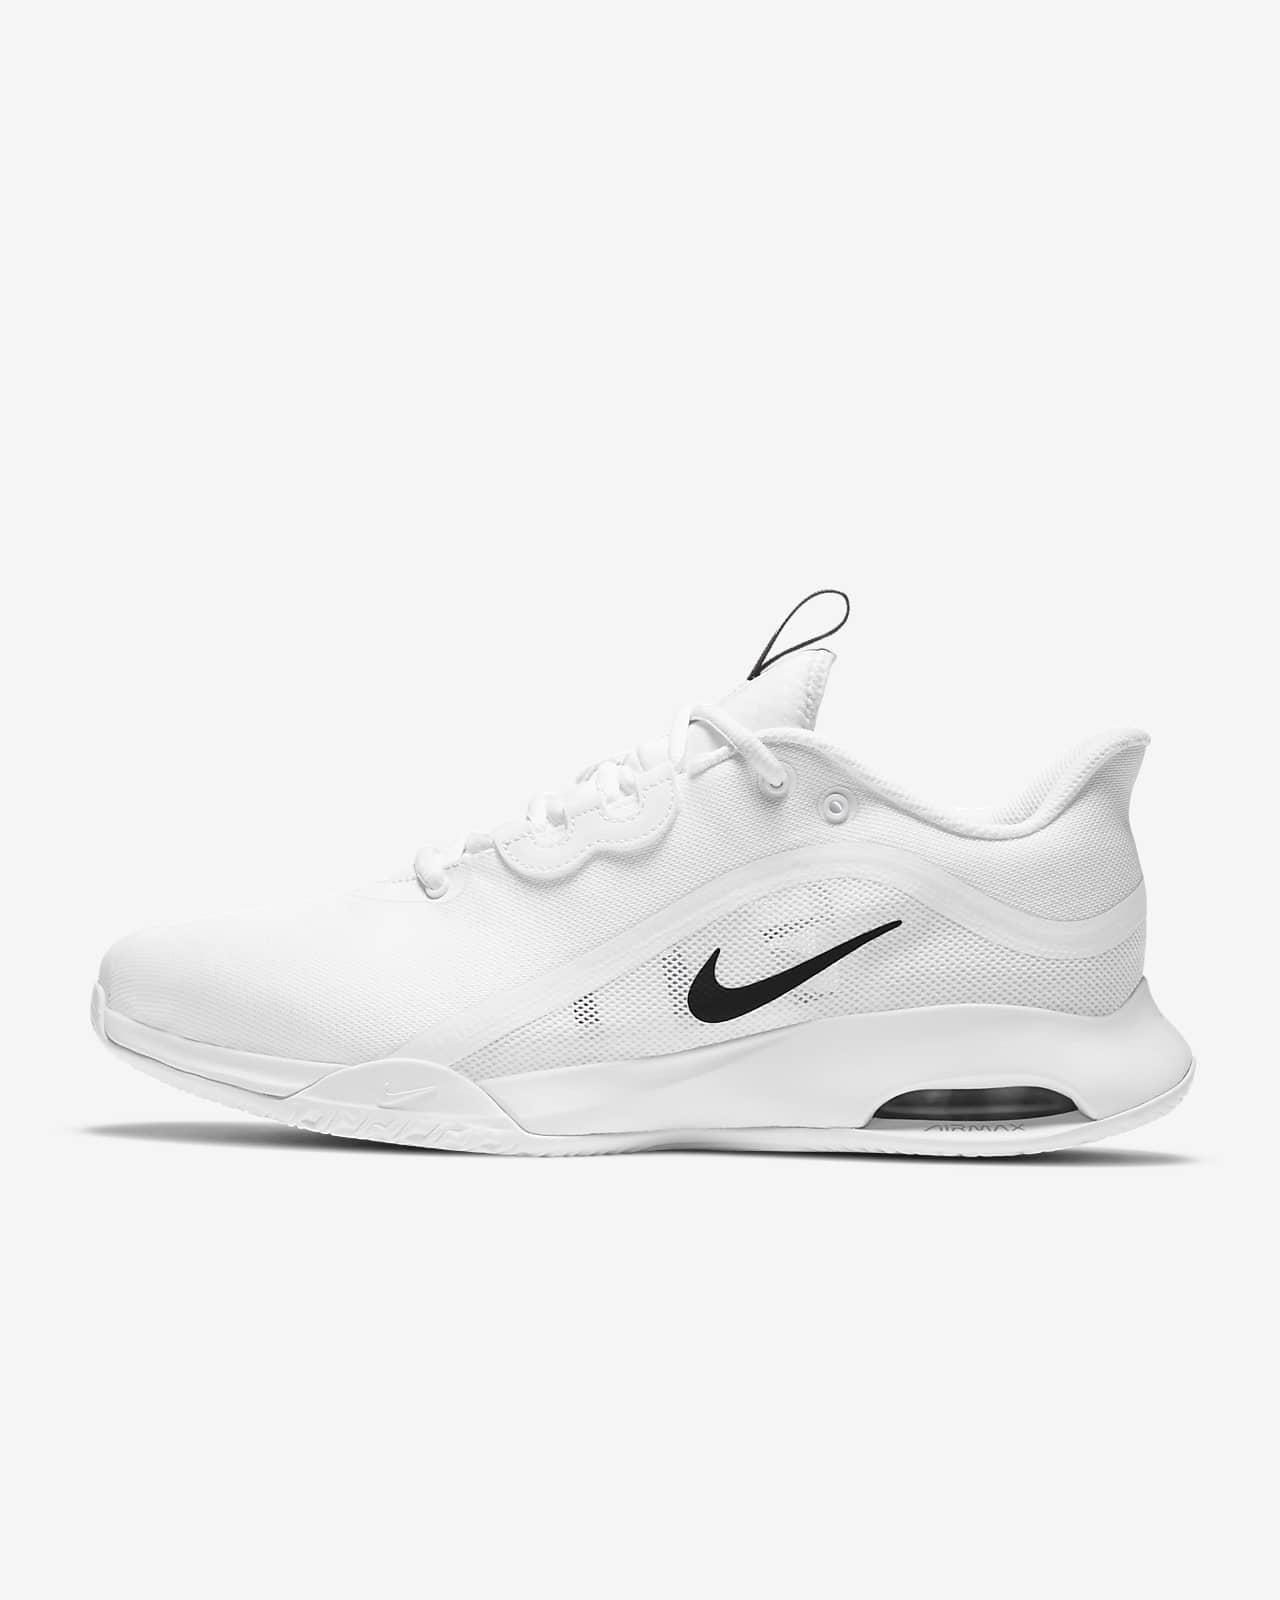 Ανδρικό παπούτσι τένις για σκληρά γήπεδα NikeCourt Air Max Volley